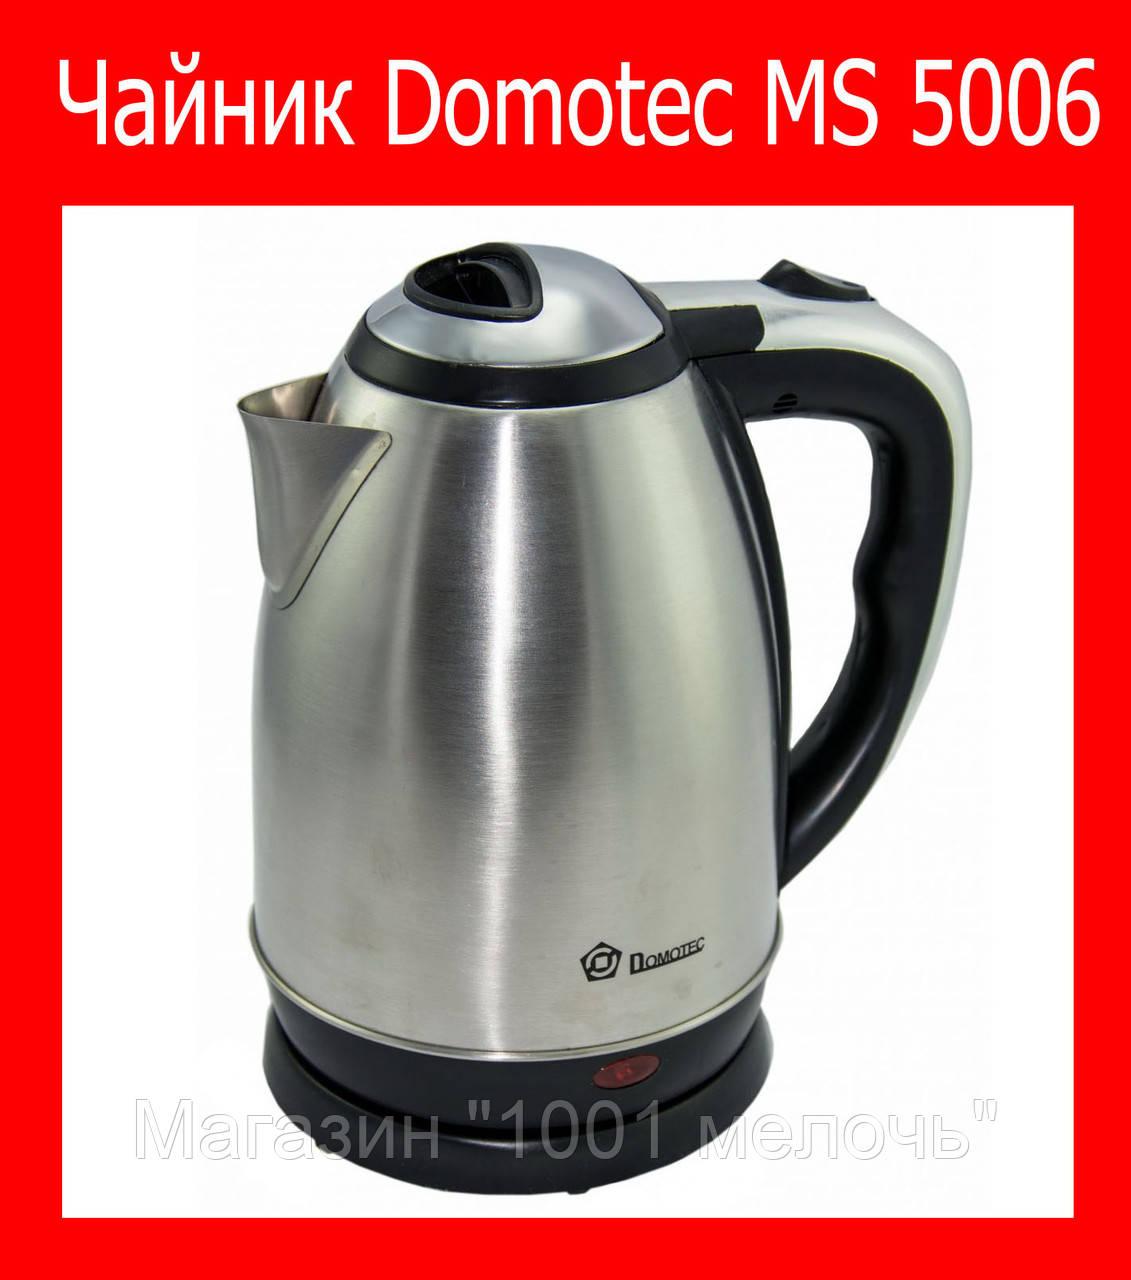 Чайник Domotec MS 5006!Лучший подарок